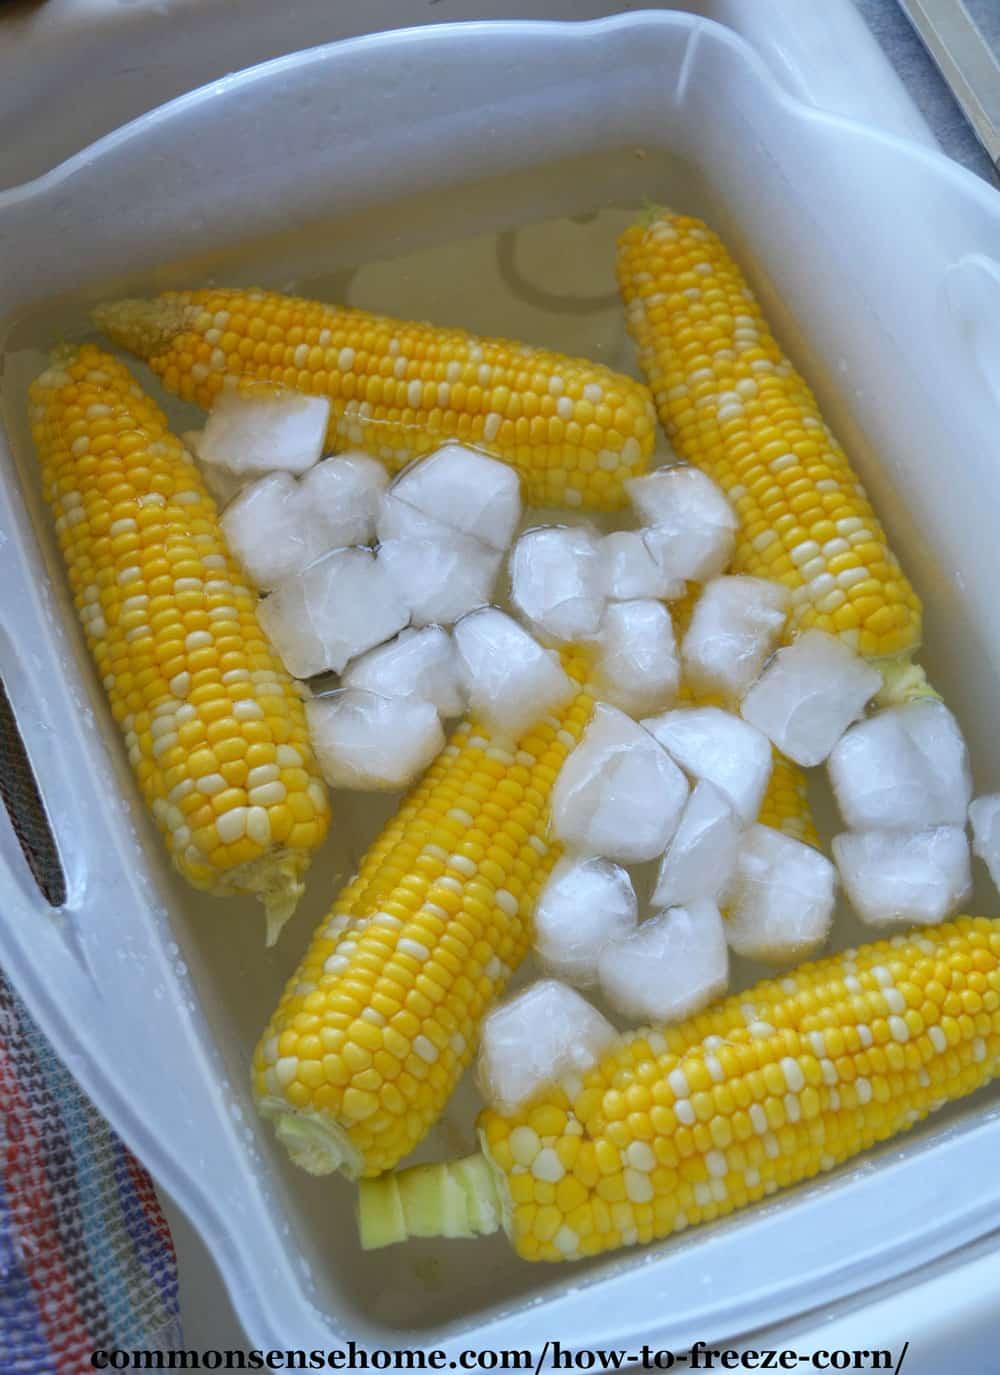 sweet corn cobs in ice bath